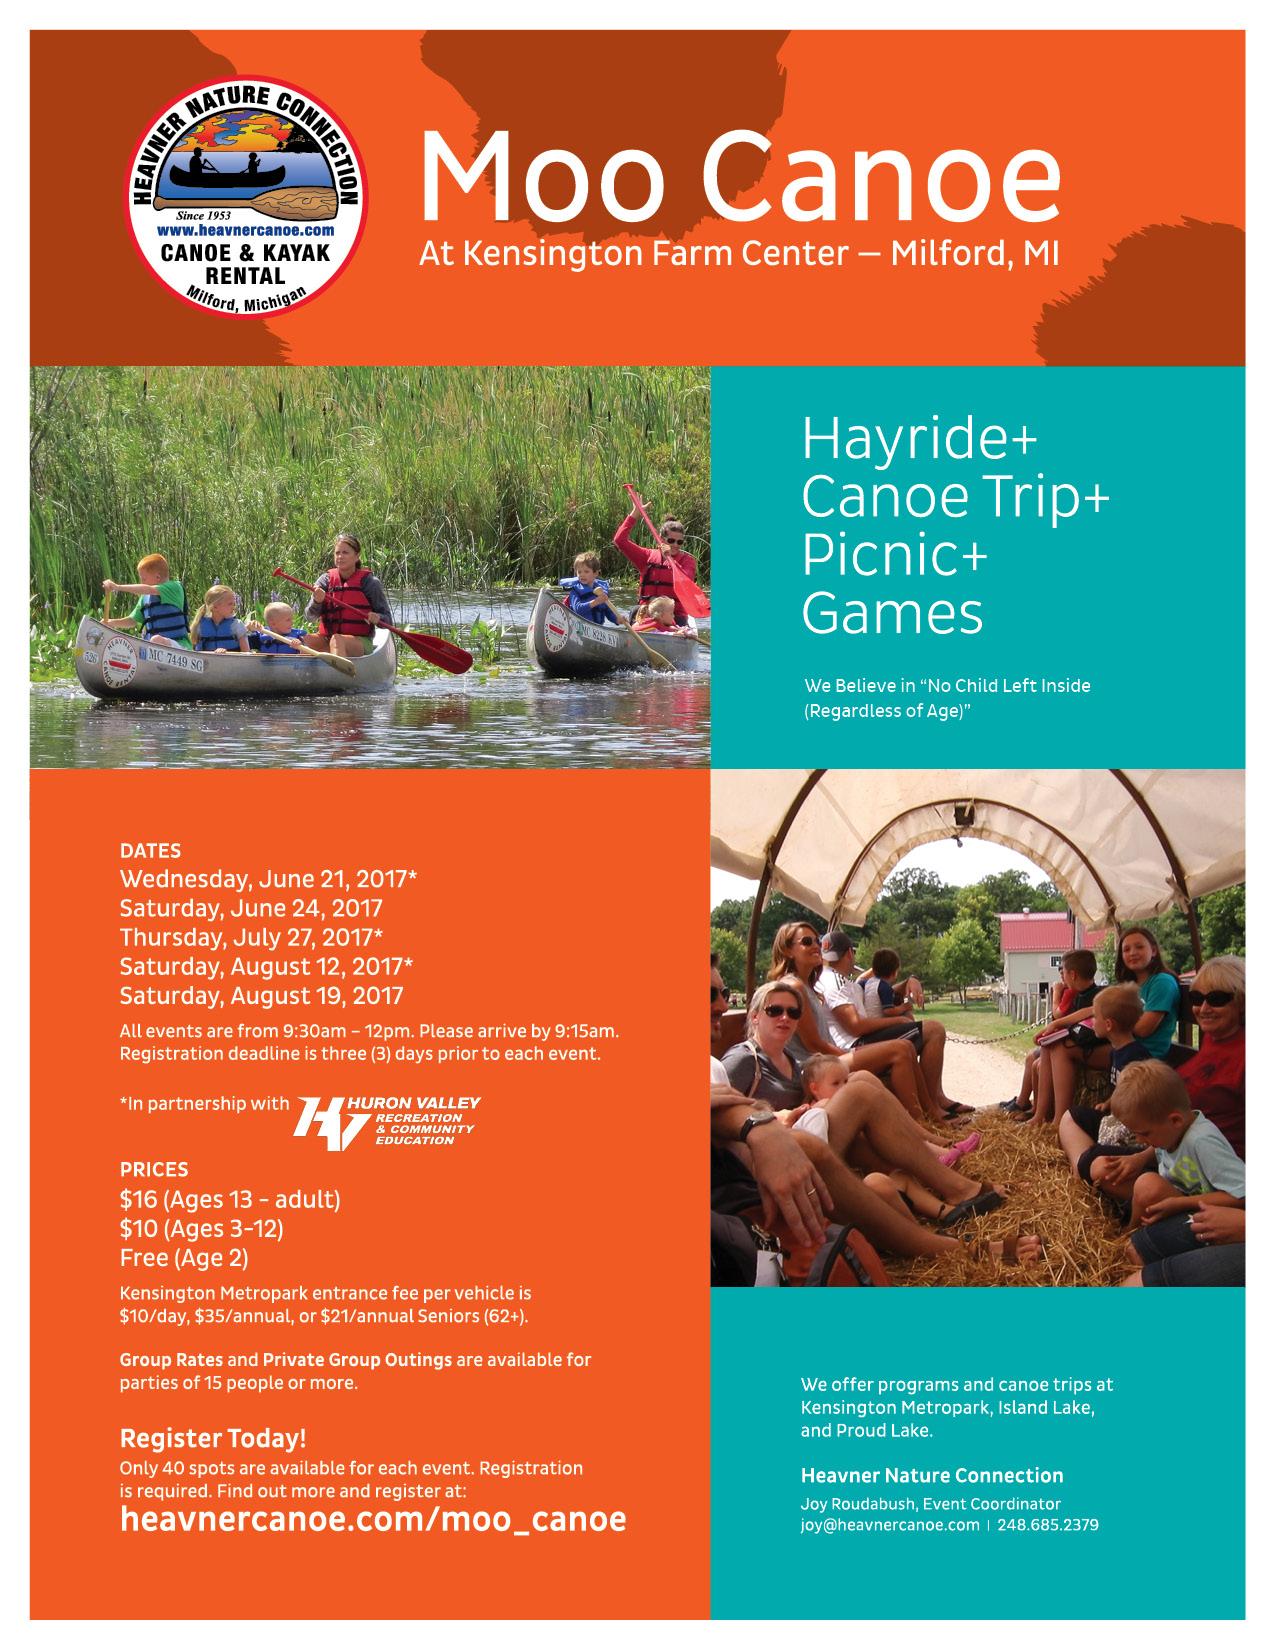 moo_canoe_casey